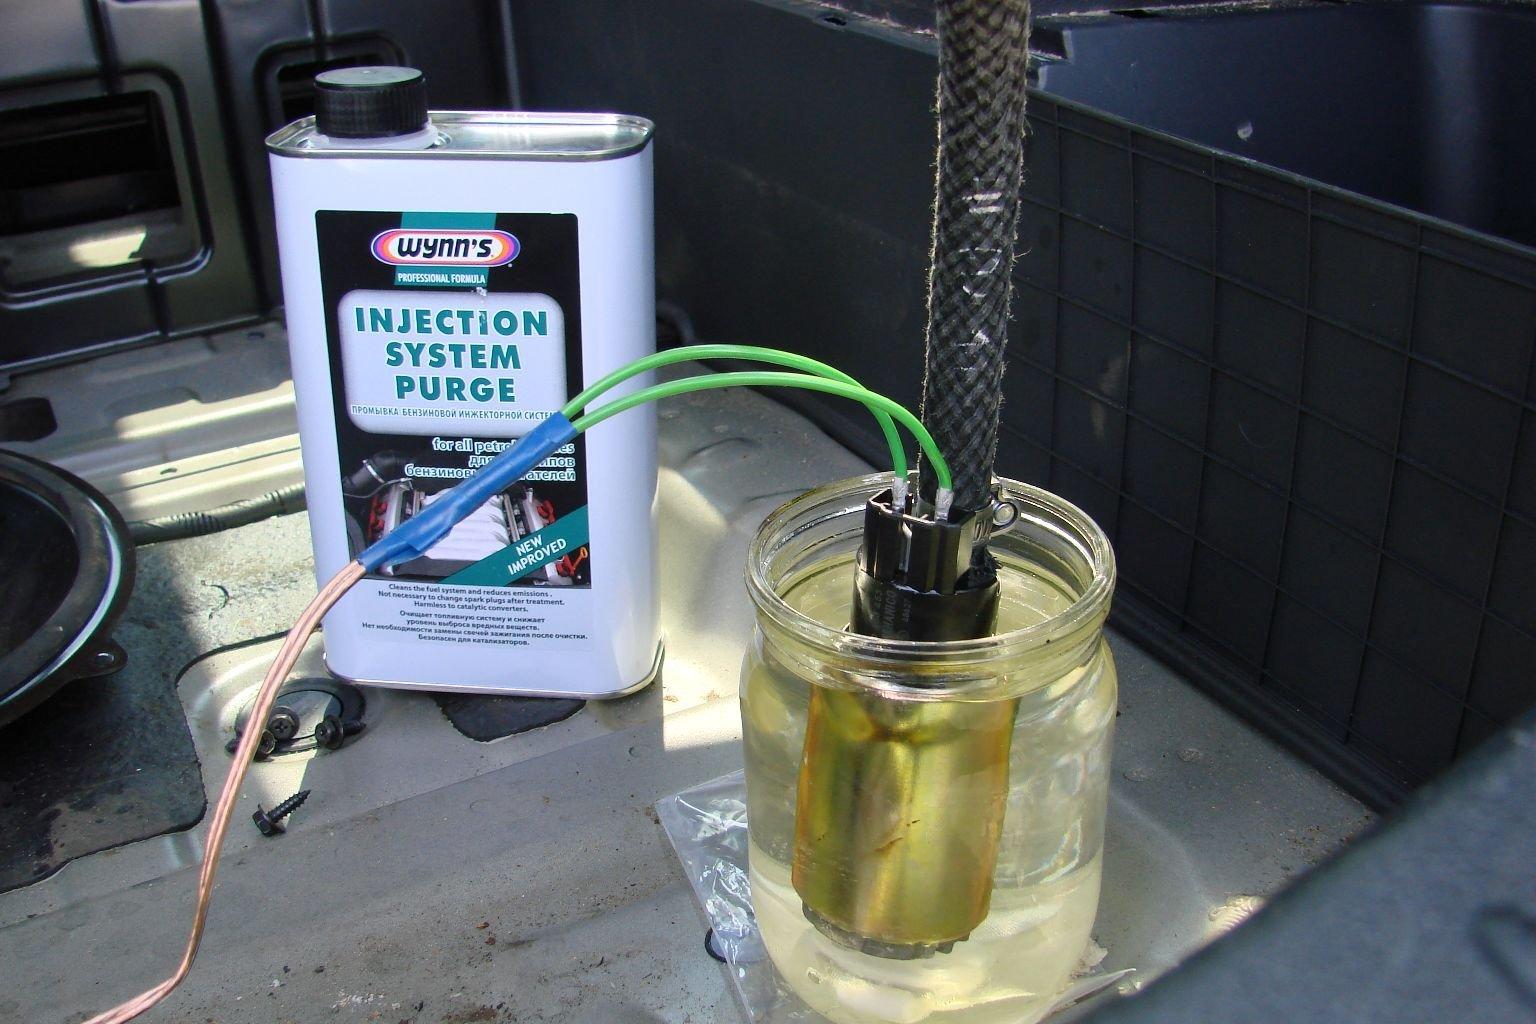 винс промывка дизеля инструкция